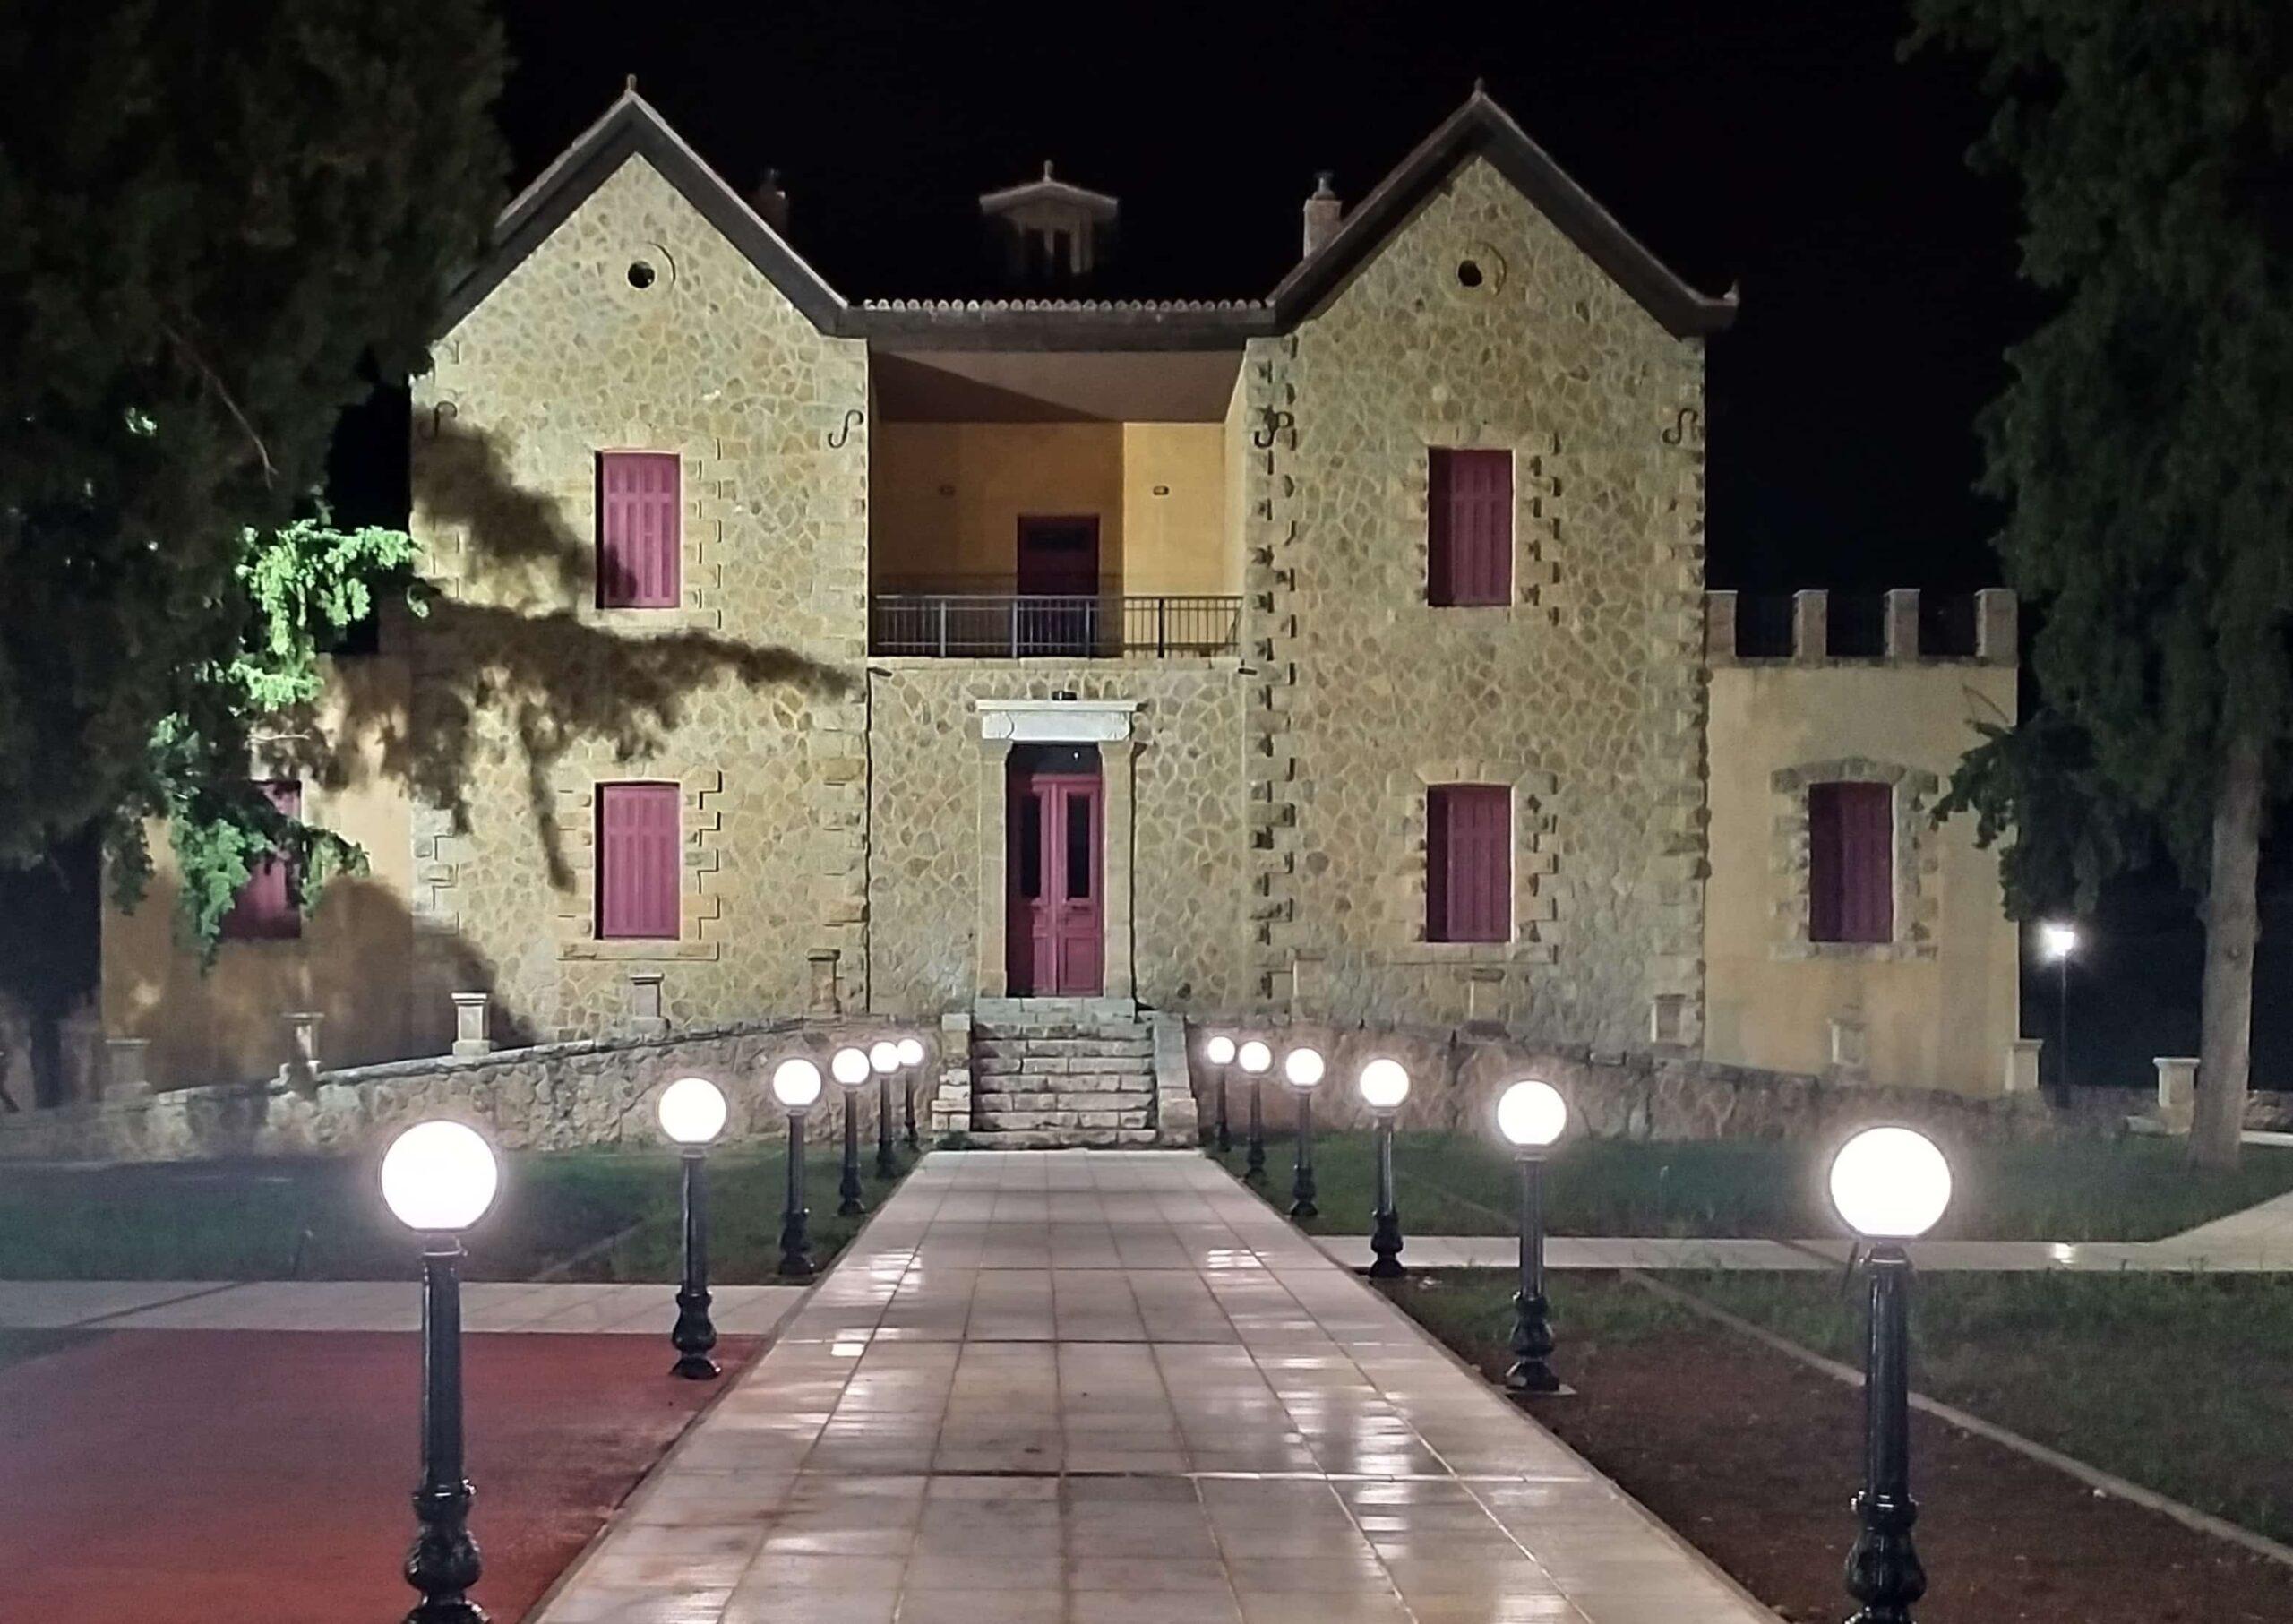 Έρευνα έχει ξεκινήσει ο Ιστορικός - Αρχαιολόγος Νικόλαος Καρατζάς από την Τριάδα, ΕΡΕΥΝΑ – Σε ποιο αρχοντικό του Δήμου Διρφύων Μεσσαπίων συνεργάστηκαν αρχιτέκτονες των βασιλικών ανακτόρων;, Eviathema.gr | Εύβοια Τοπ Νέα Ειδήσεις